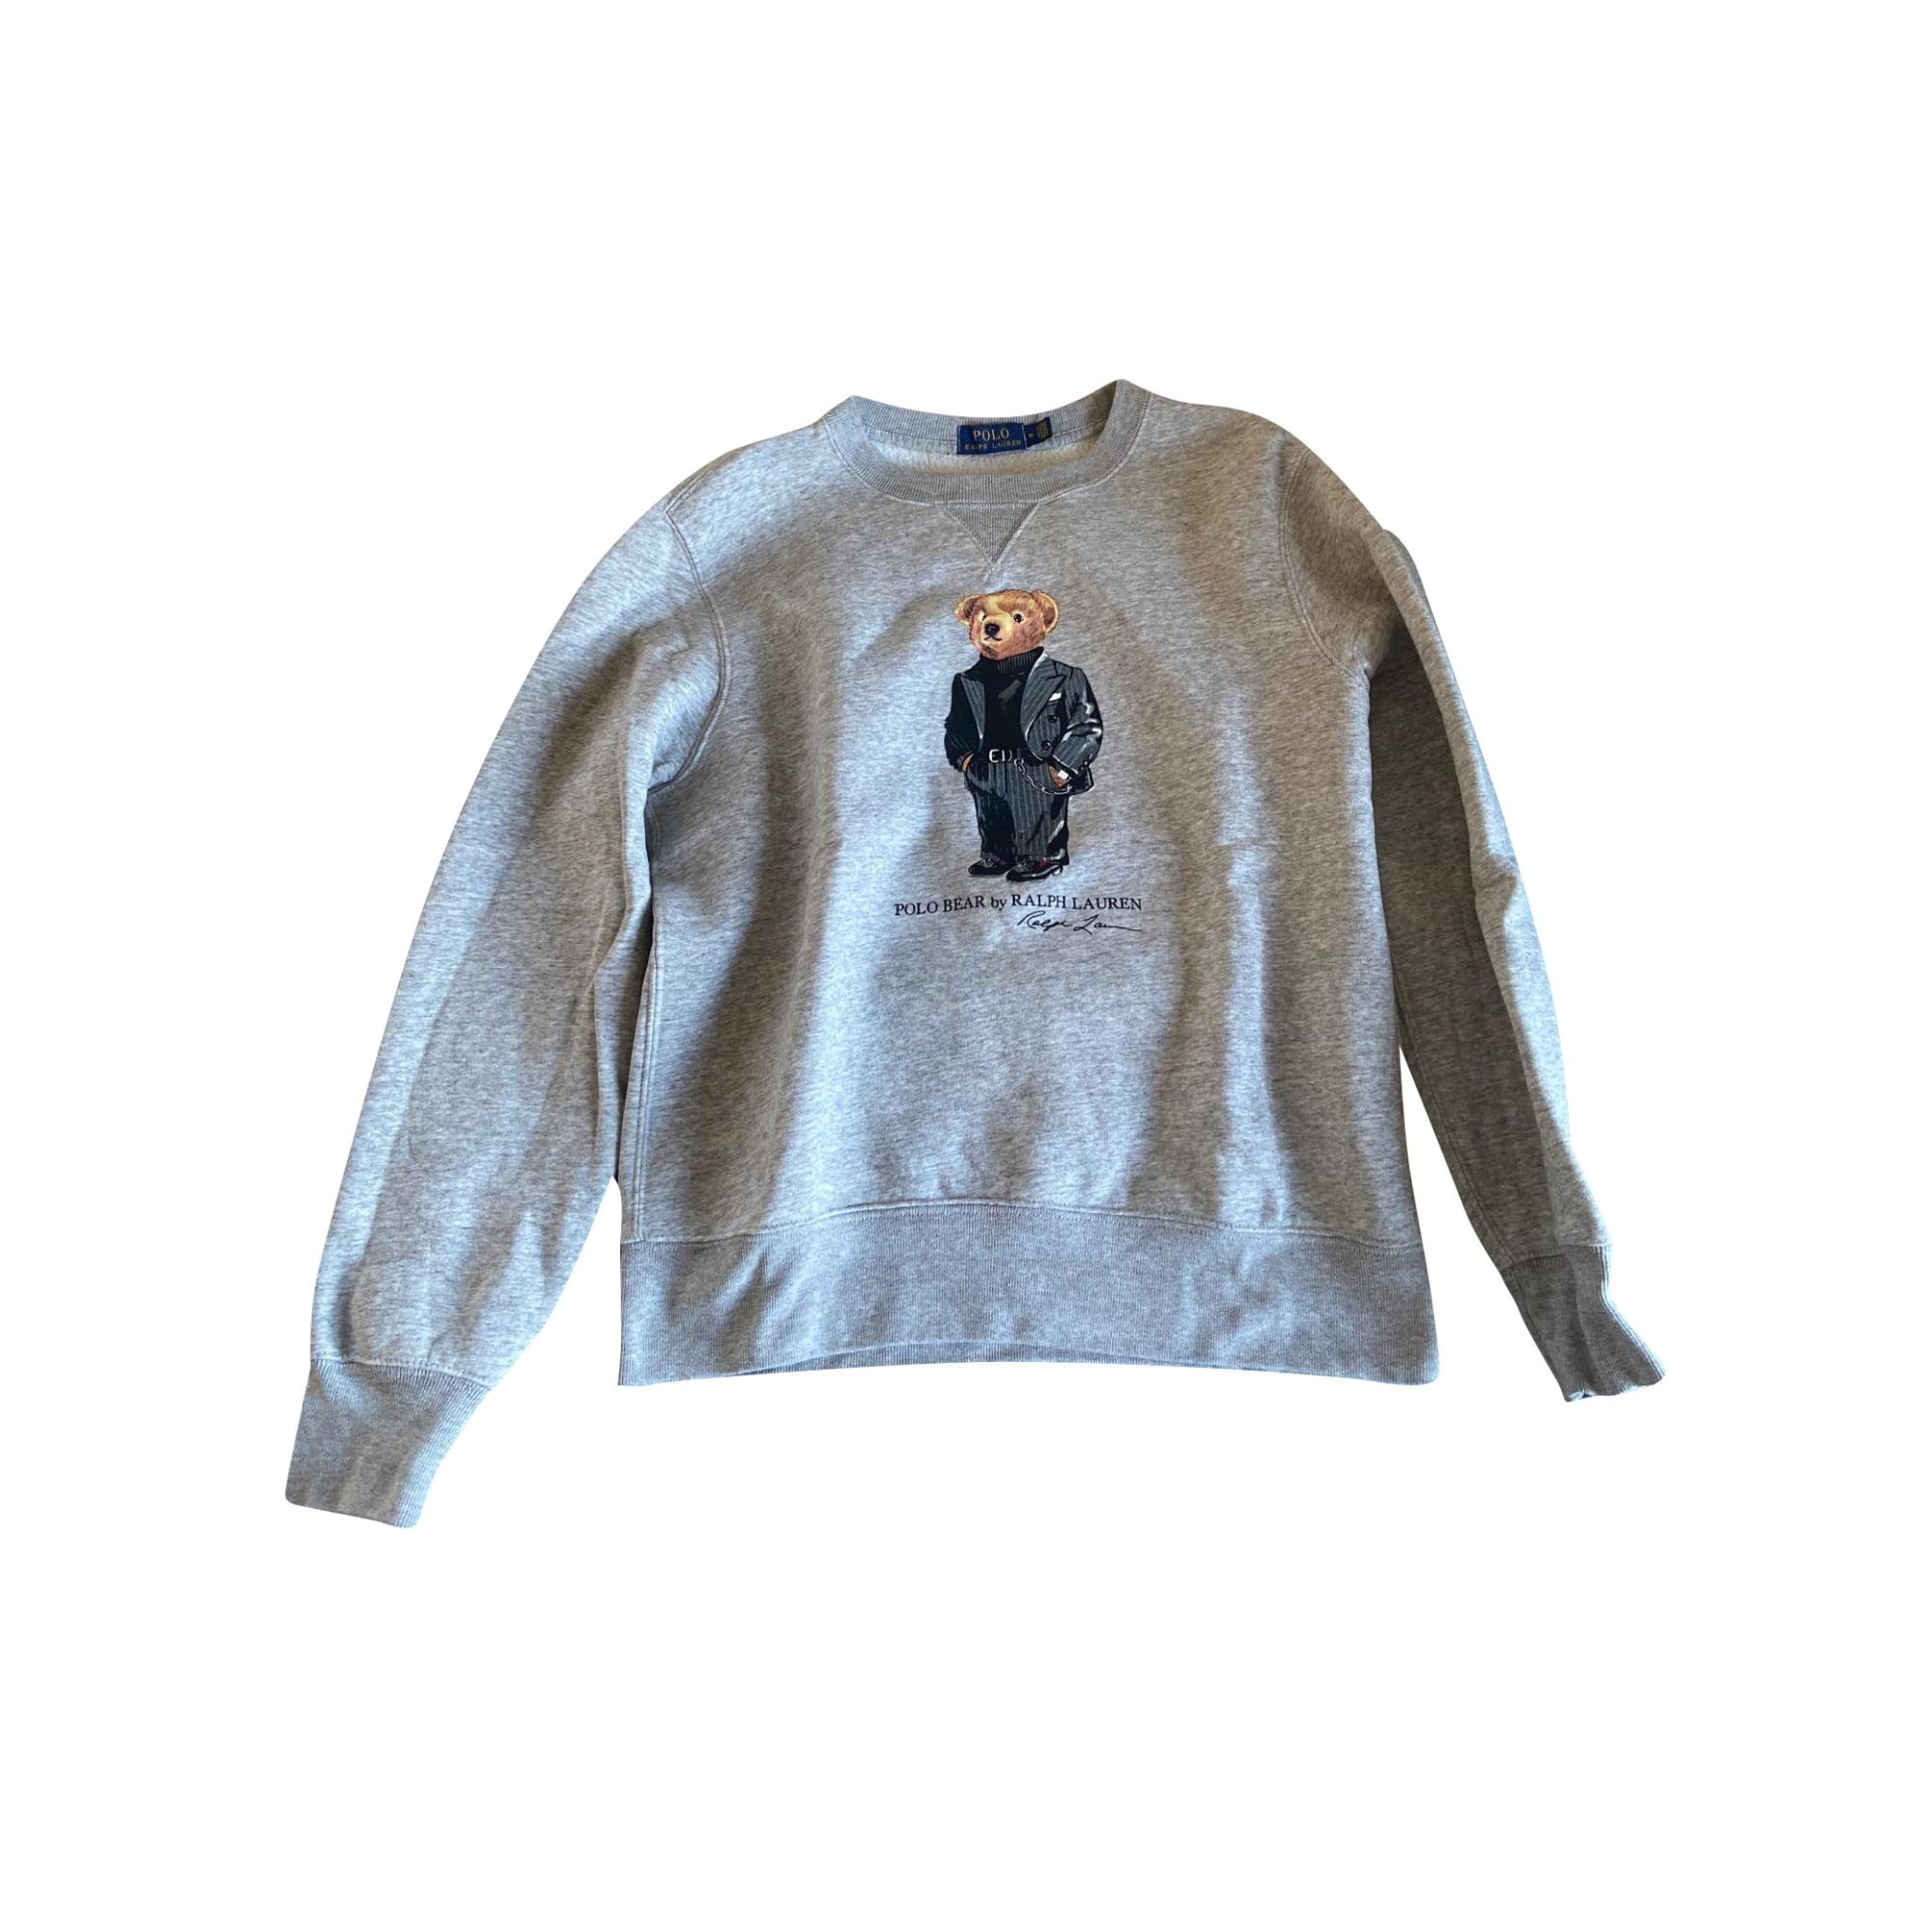 Sweatshirt RALPH LAUREN Gray, charcoal